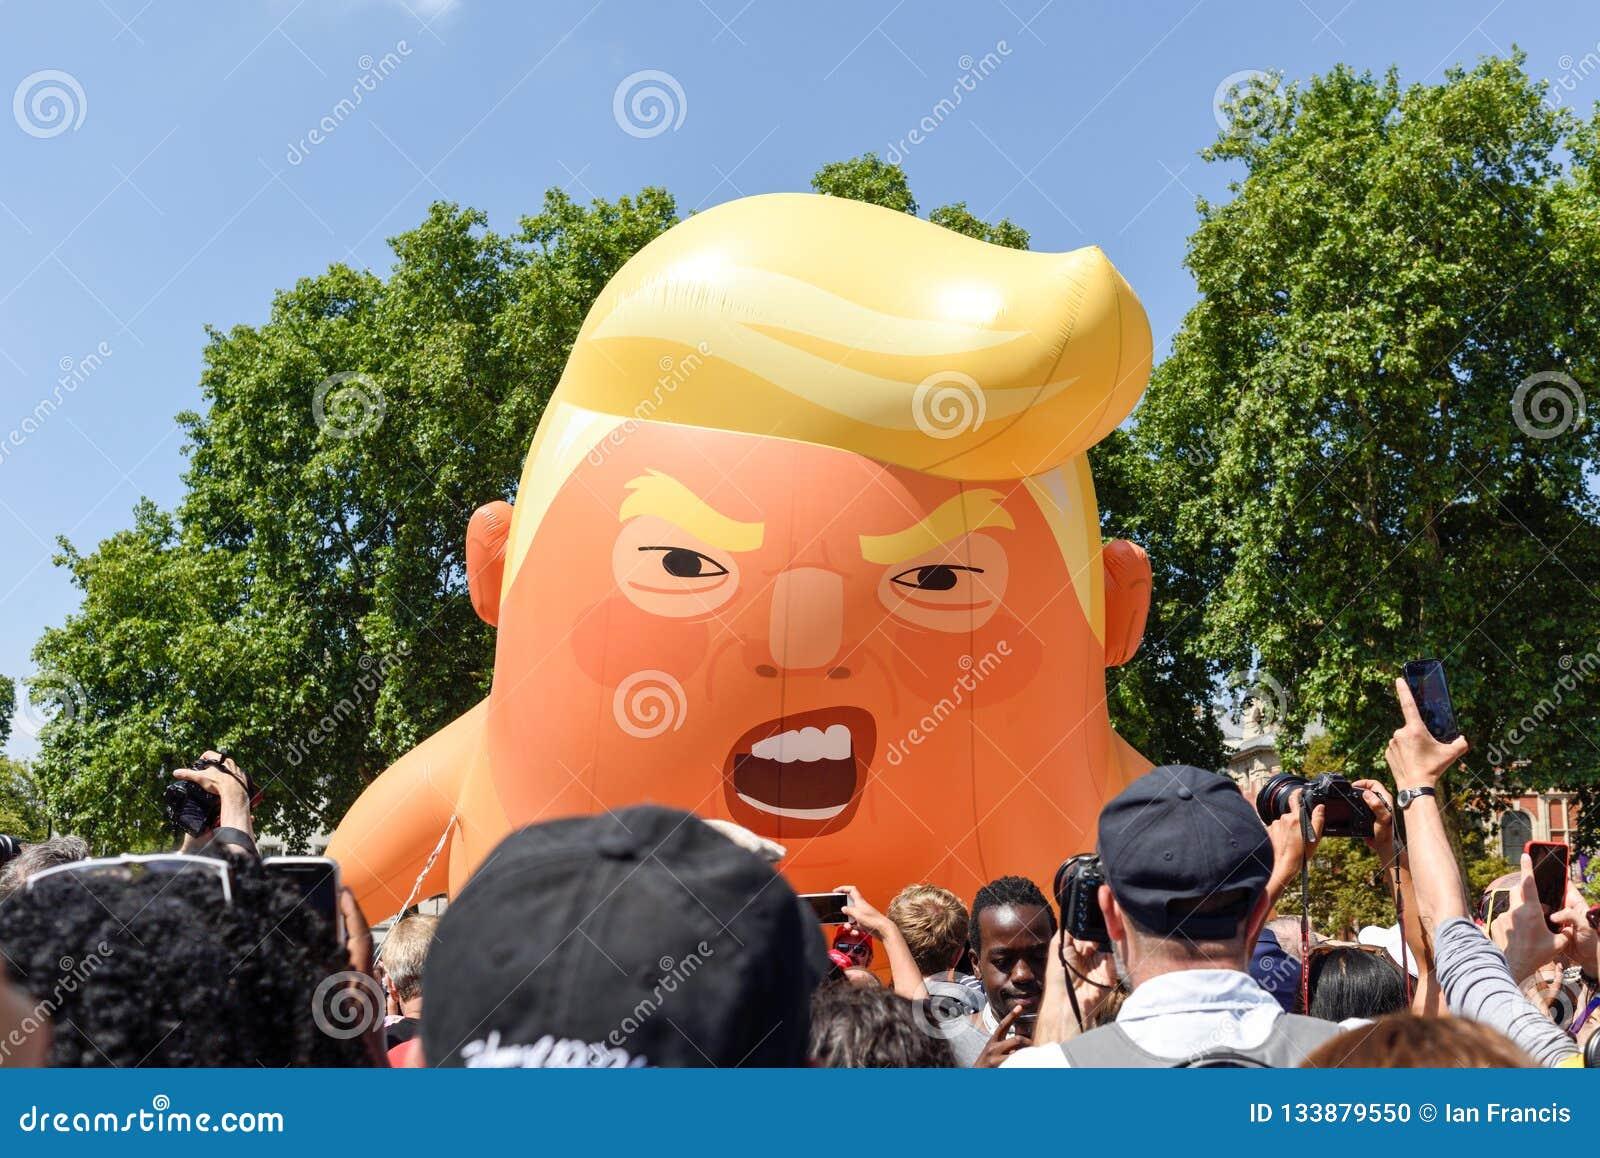 Anti-Donald Trump Protest in Central London.